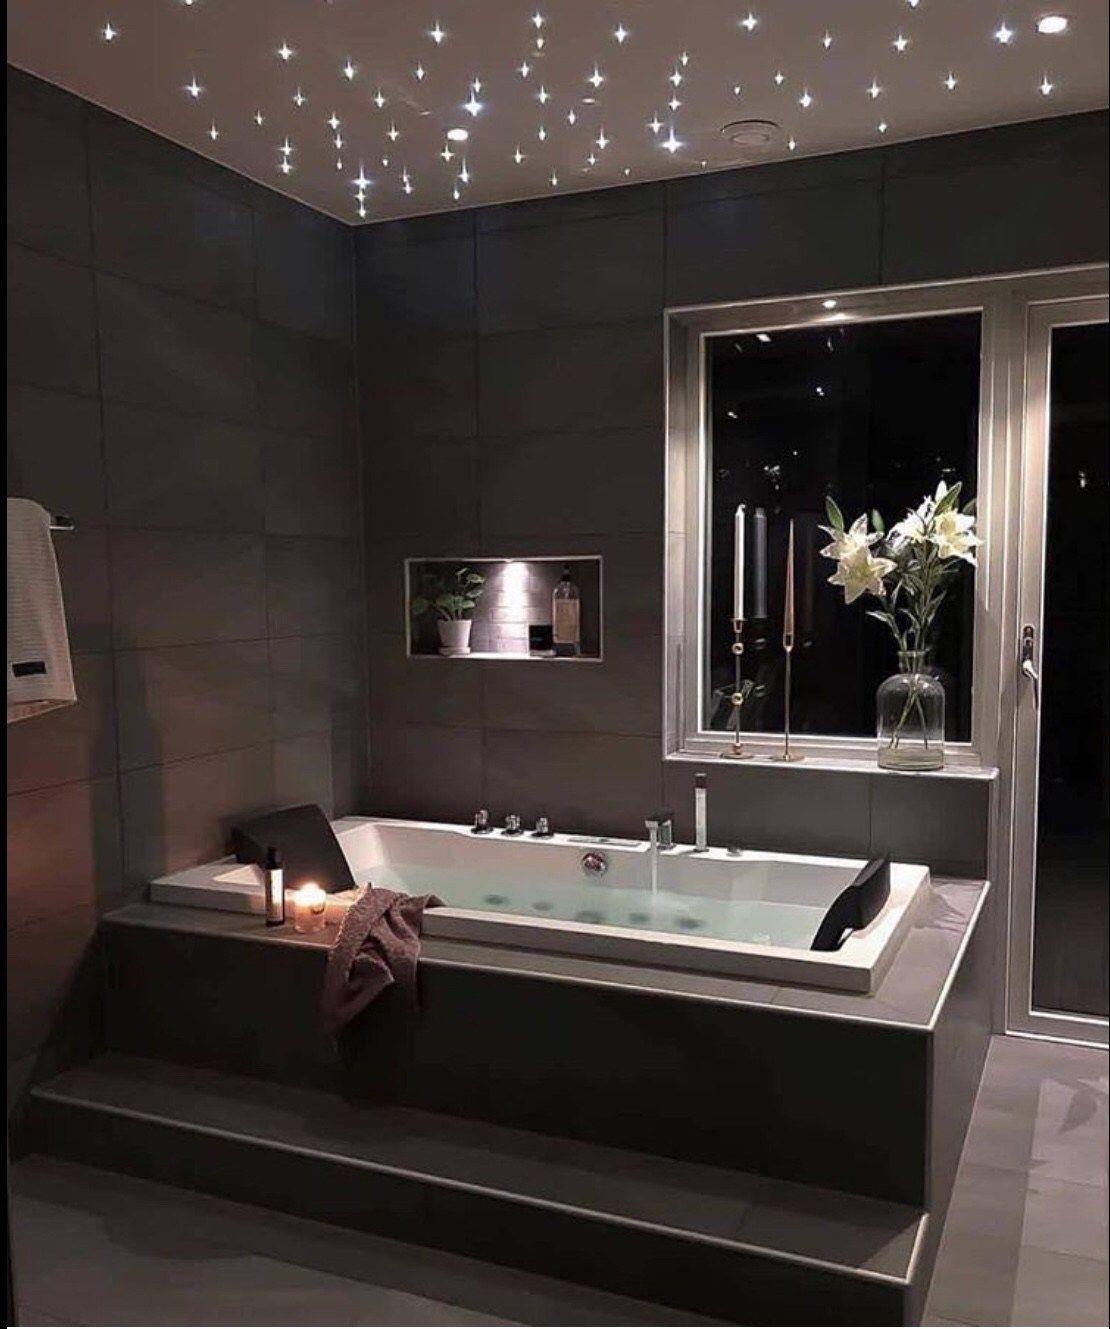 30 Luxury Bathroom Decor Ideas - The Wonder Cottage #dreambathrooms